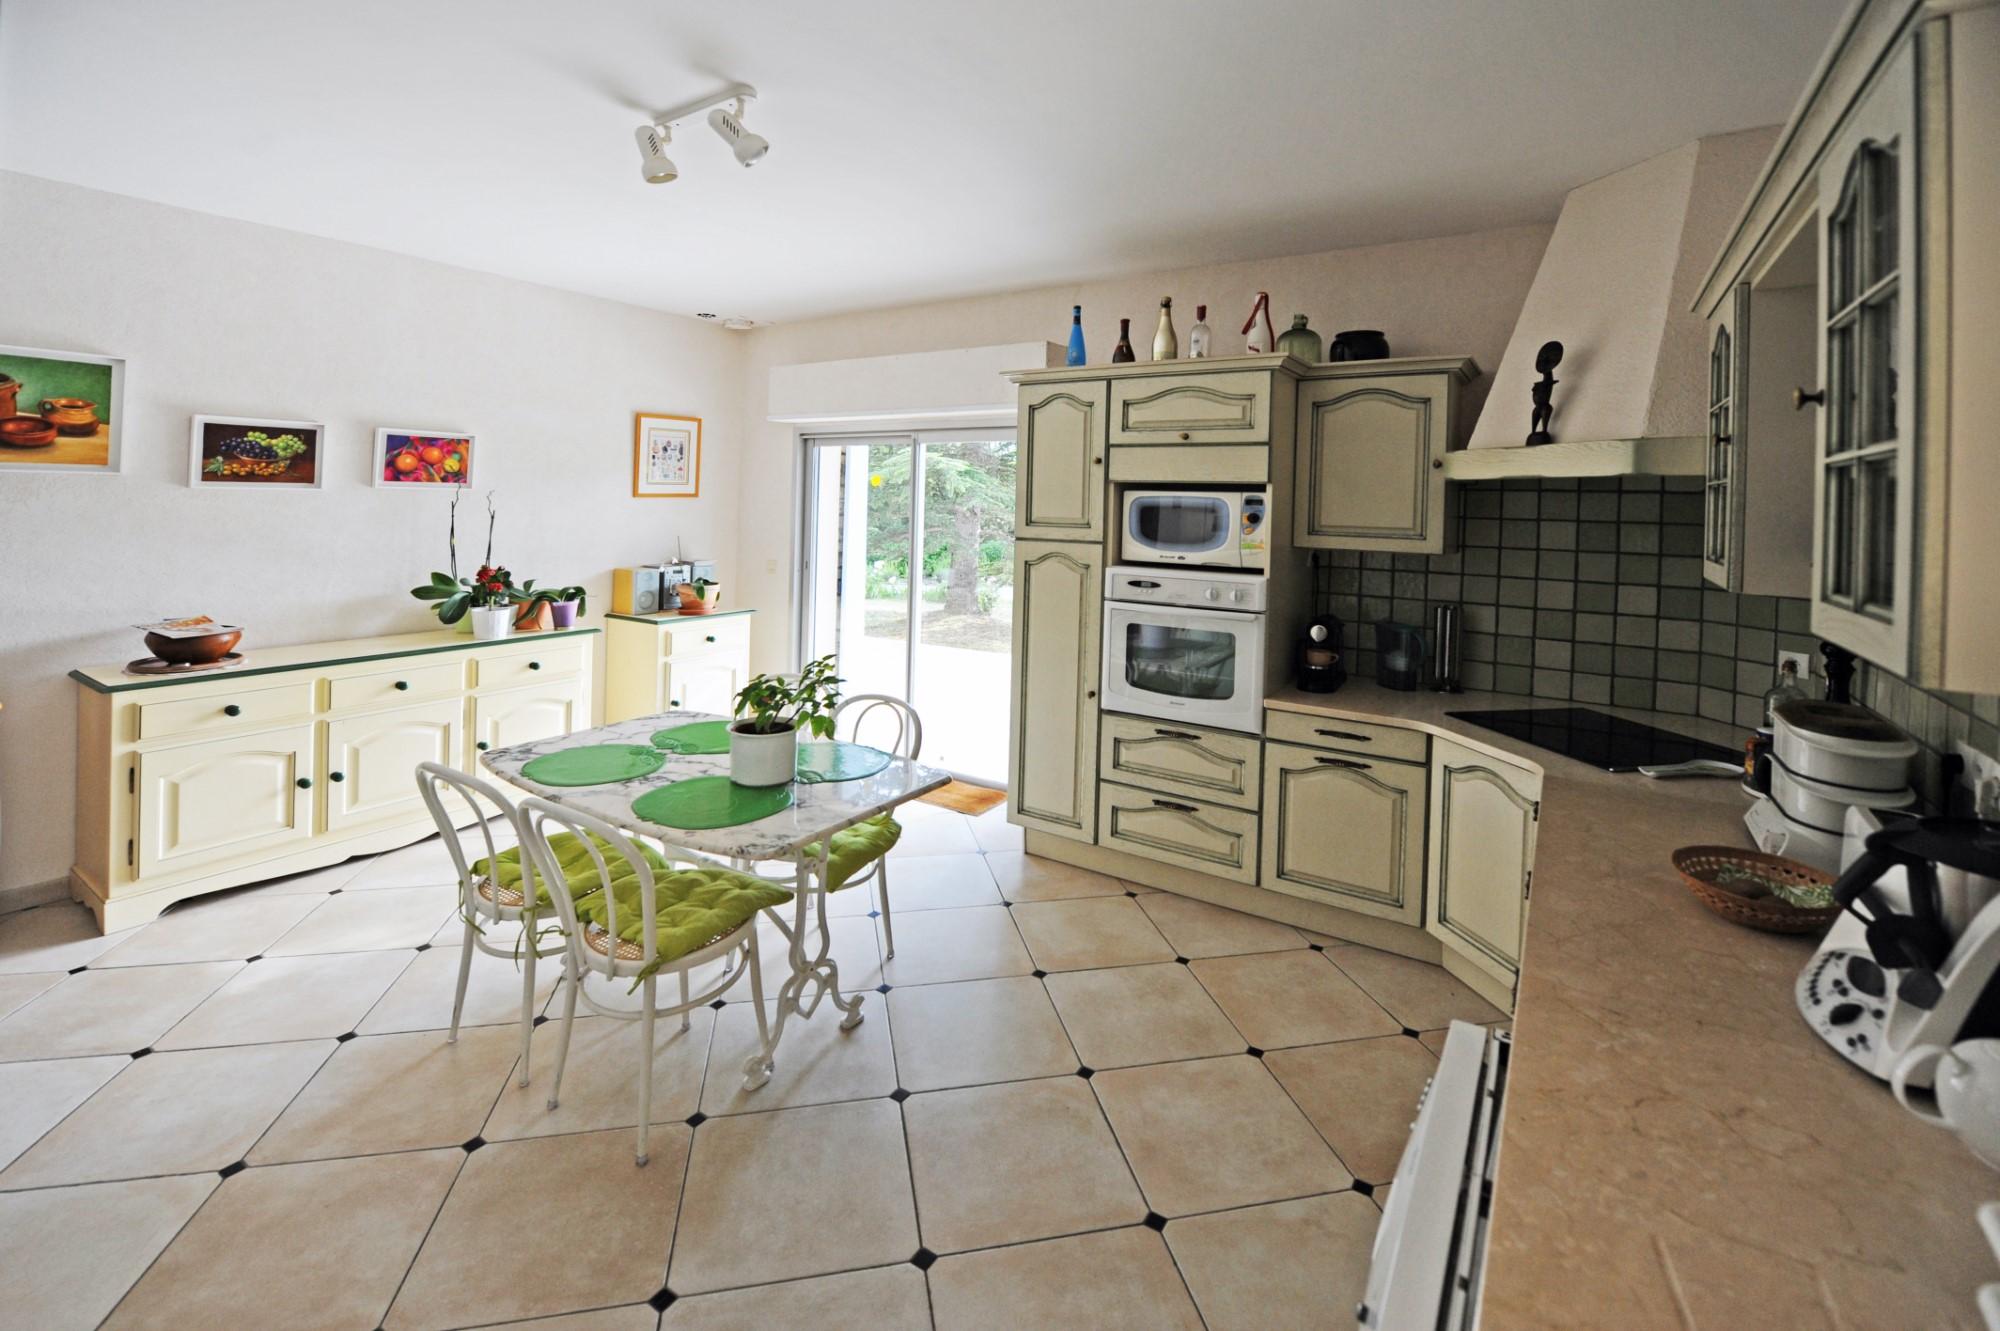 A vendre à Cabrières d'Avignon, maison d'Architecte avec piscine, dans la pinède